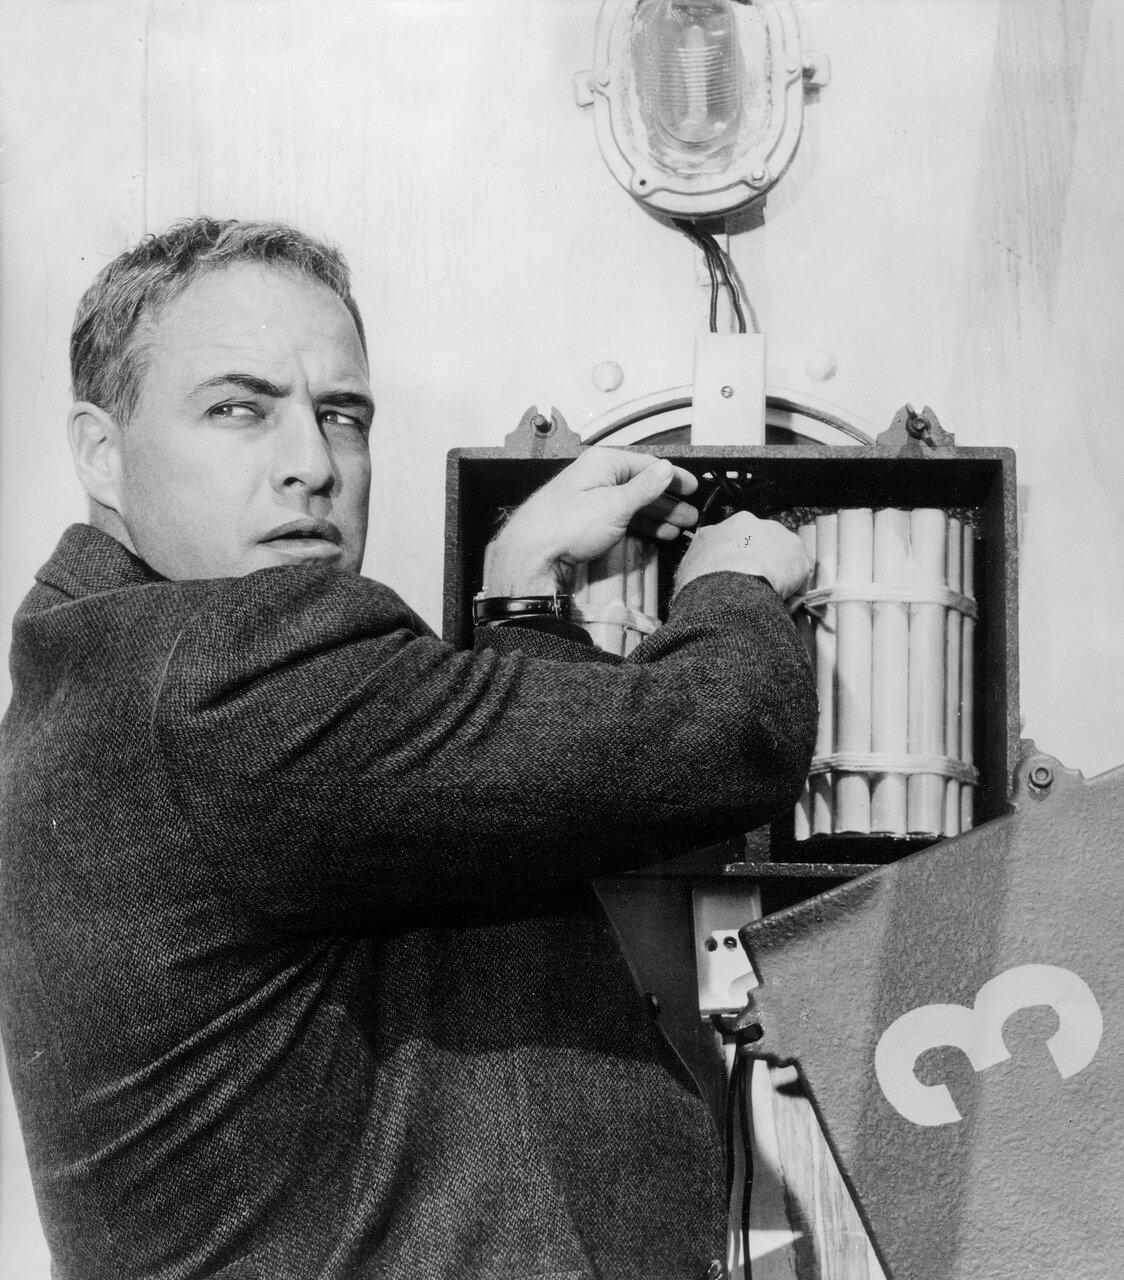 Marlon BRANDO in 'Kennwort - Morituri', 1965